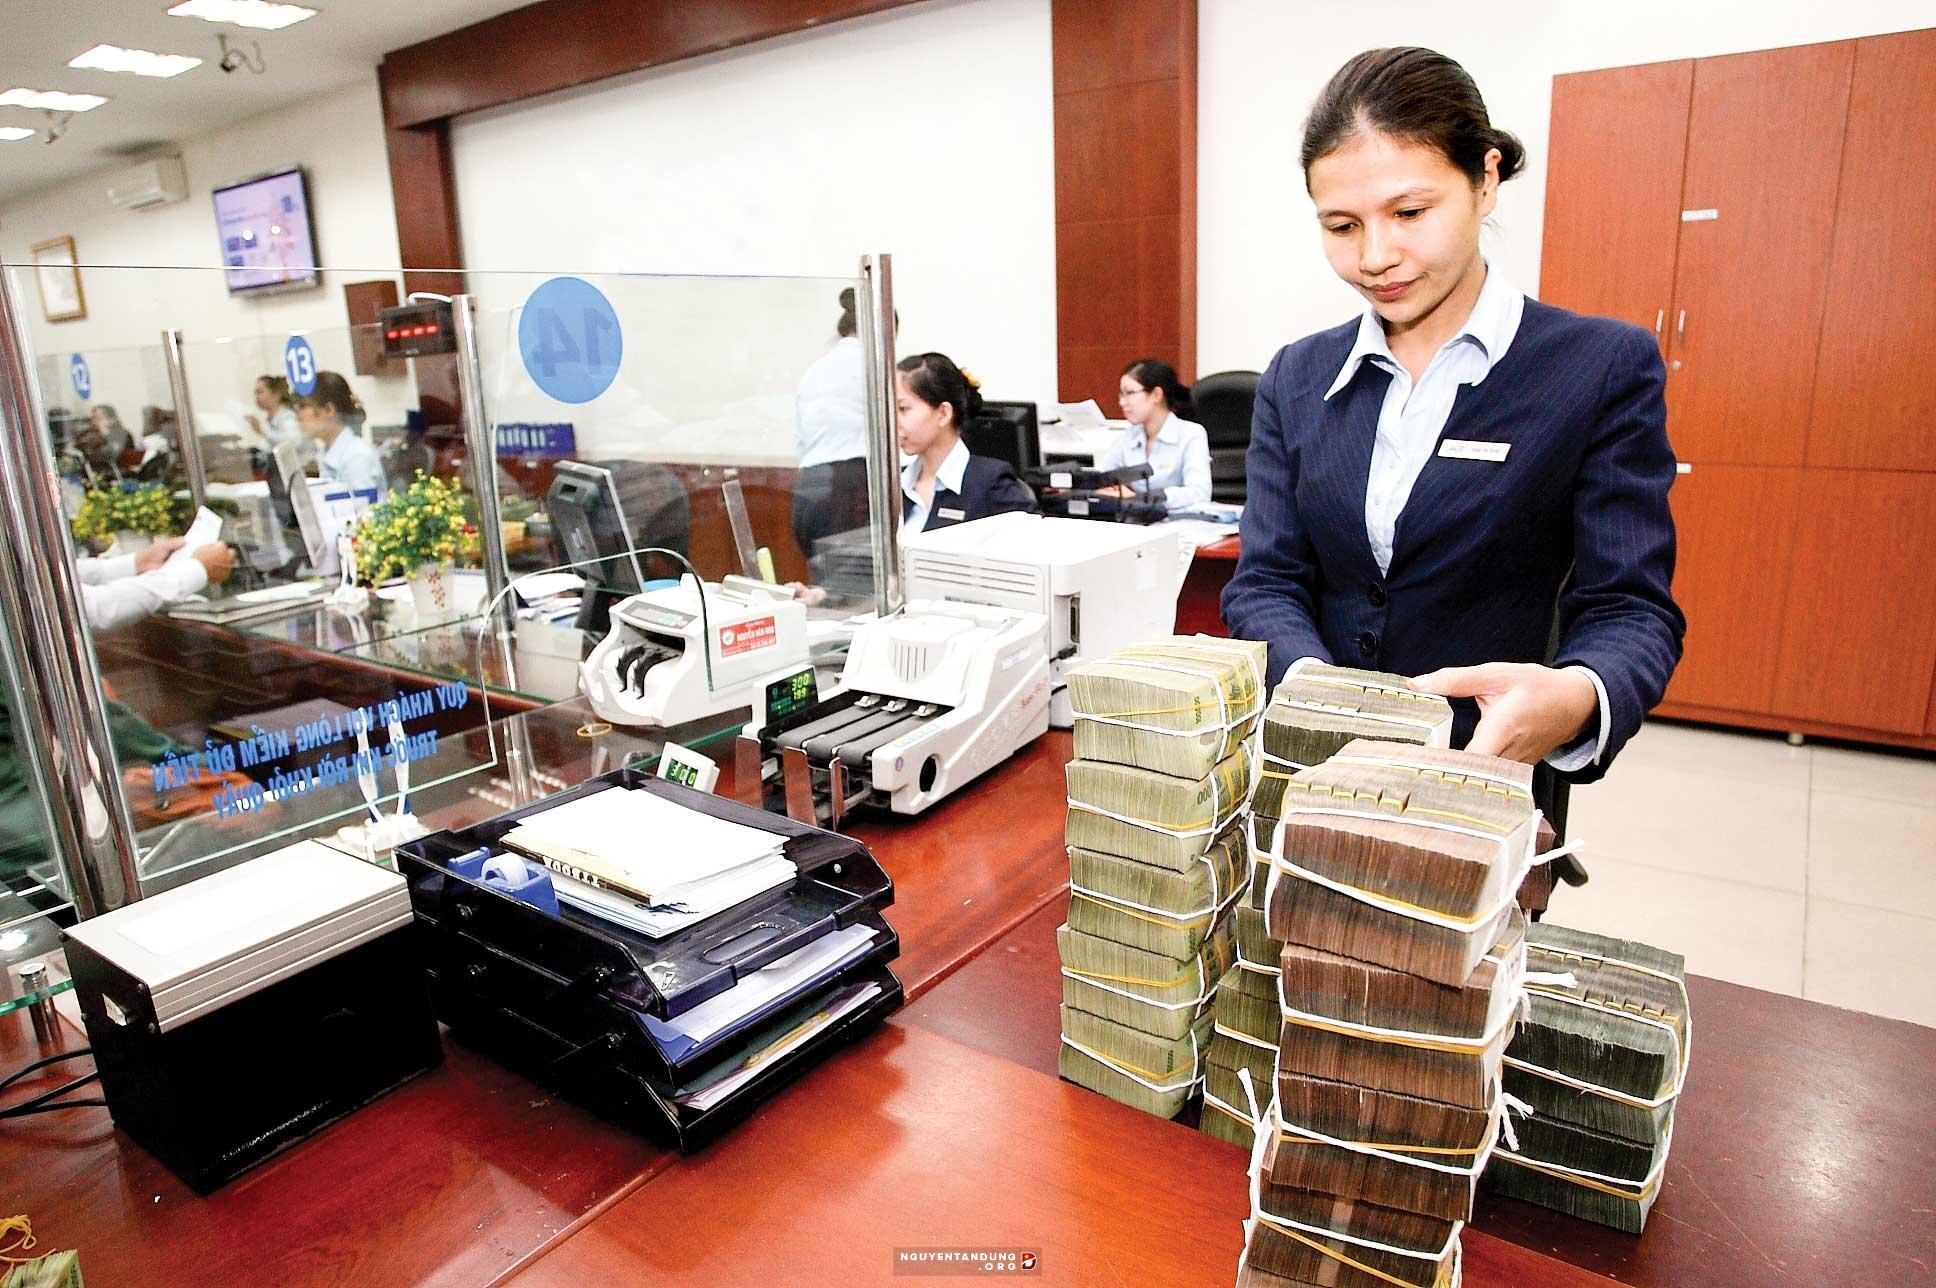 Tăng cường quản lý ngân sách nhà nước và tái cơ cấu hệ thống tài chính – ngân hàng